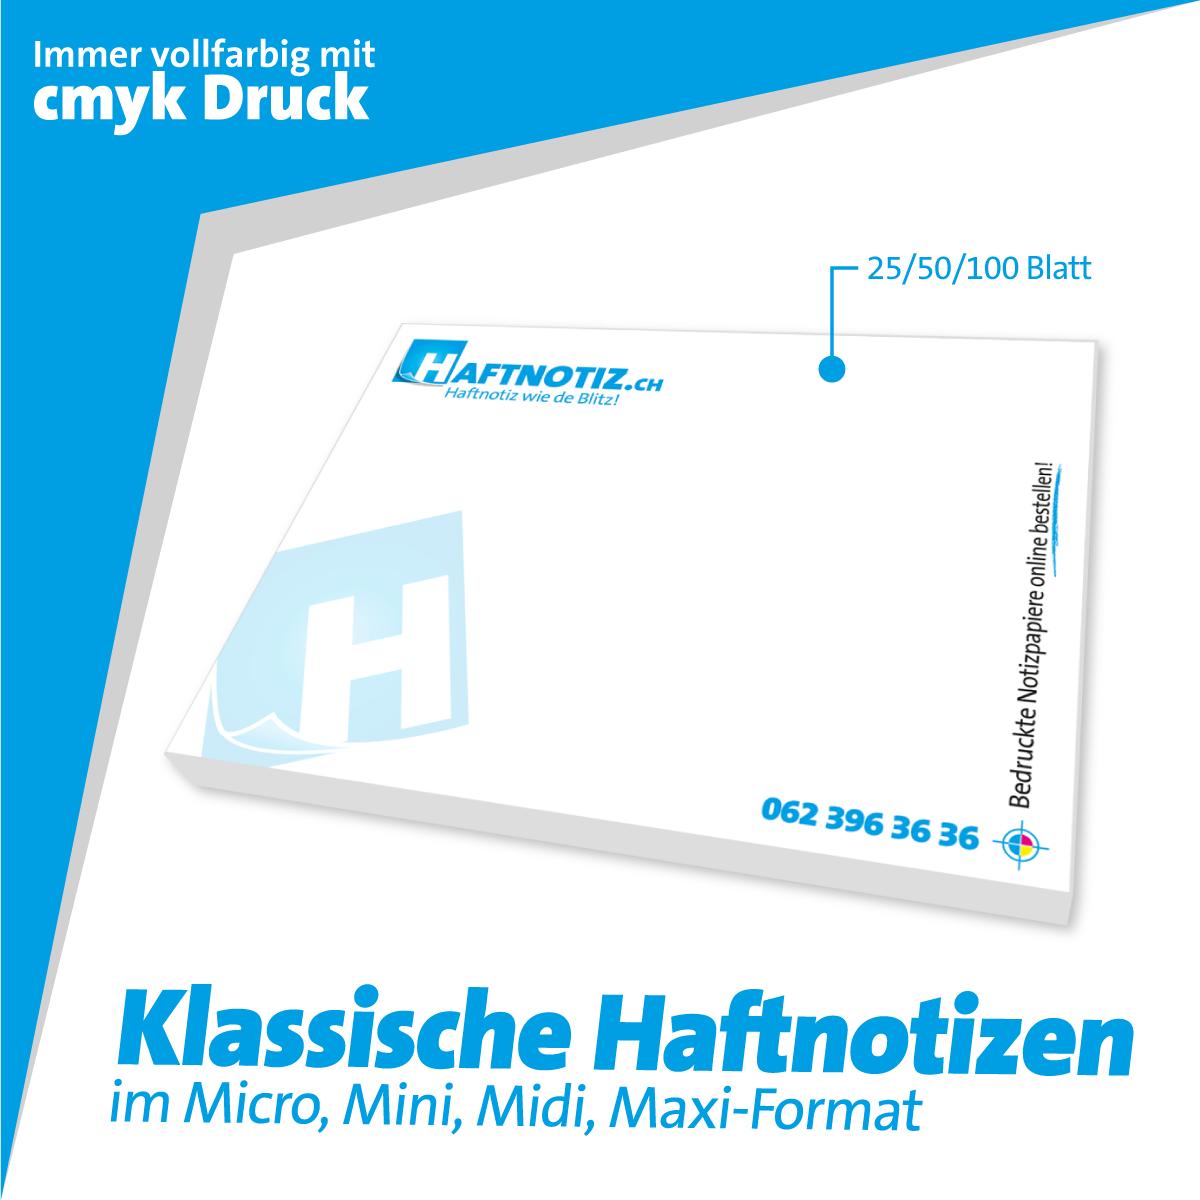 Haftnotizen mit Druck bestellen bei Haftnotiz.ch